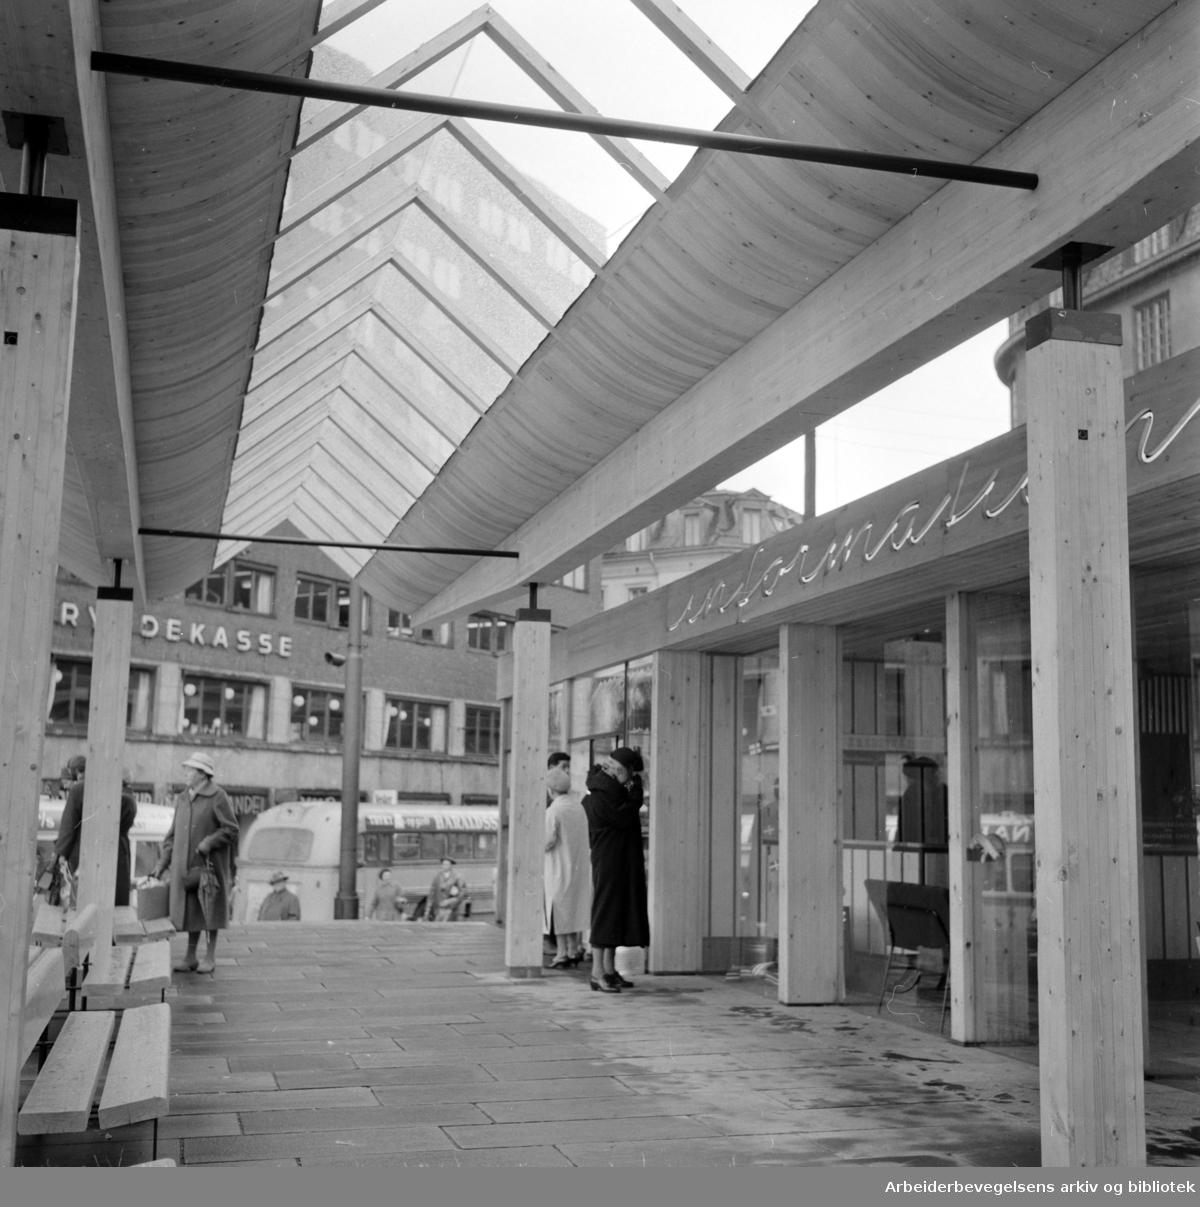 Reisetrafikkforeningens opplysnings paviljong. Mai 1959